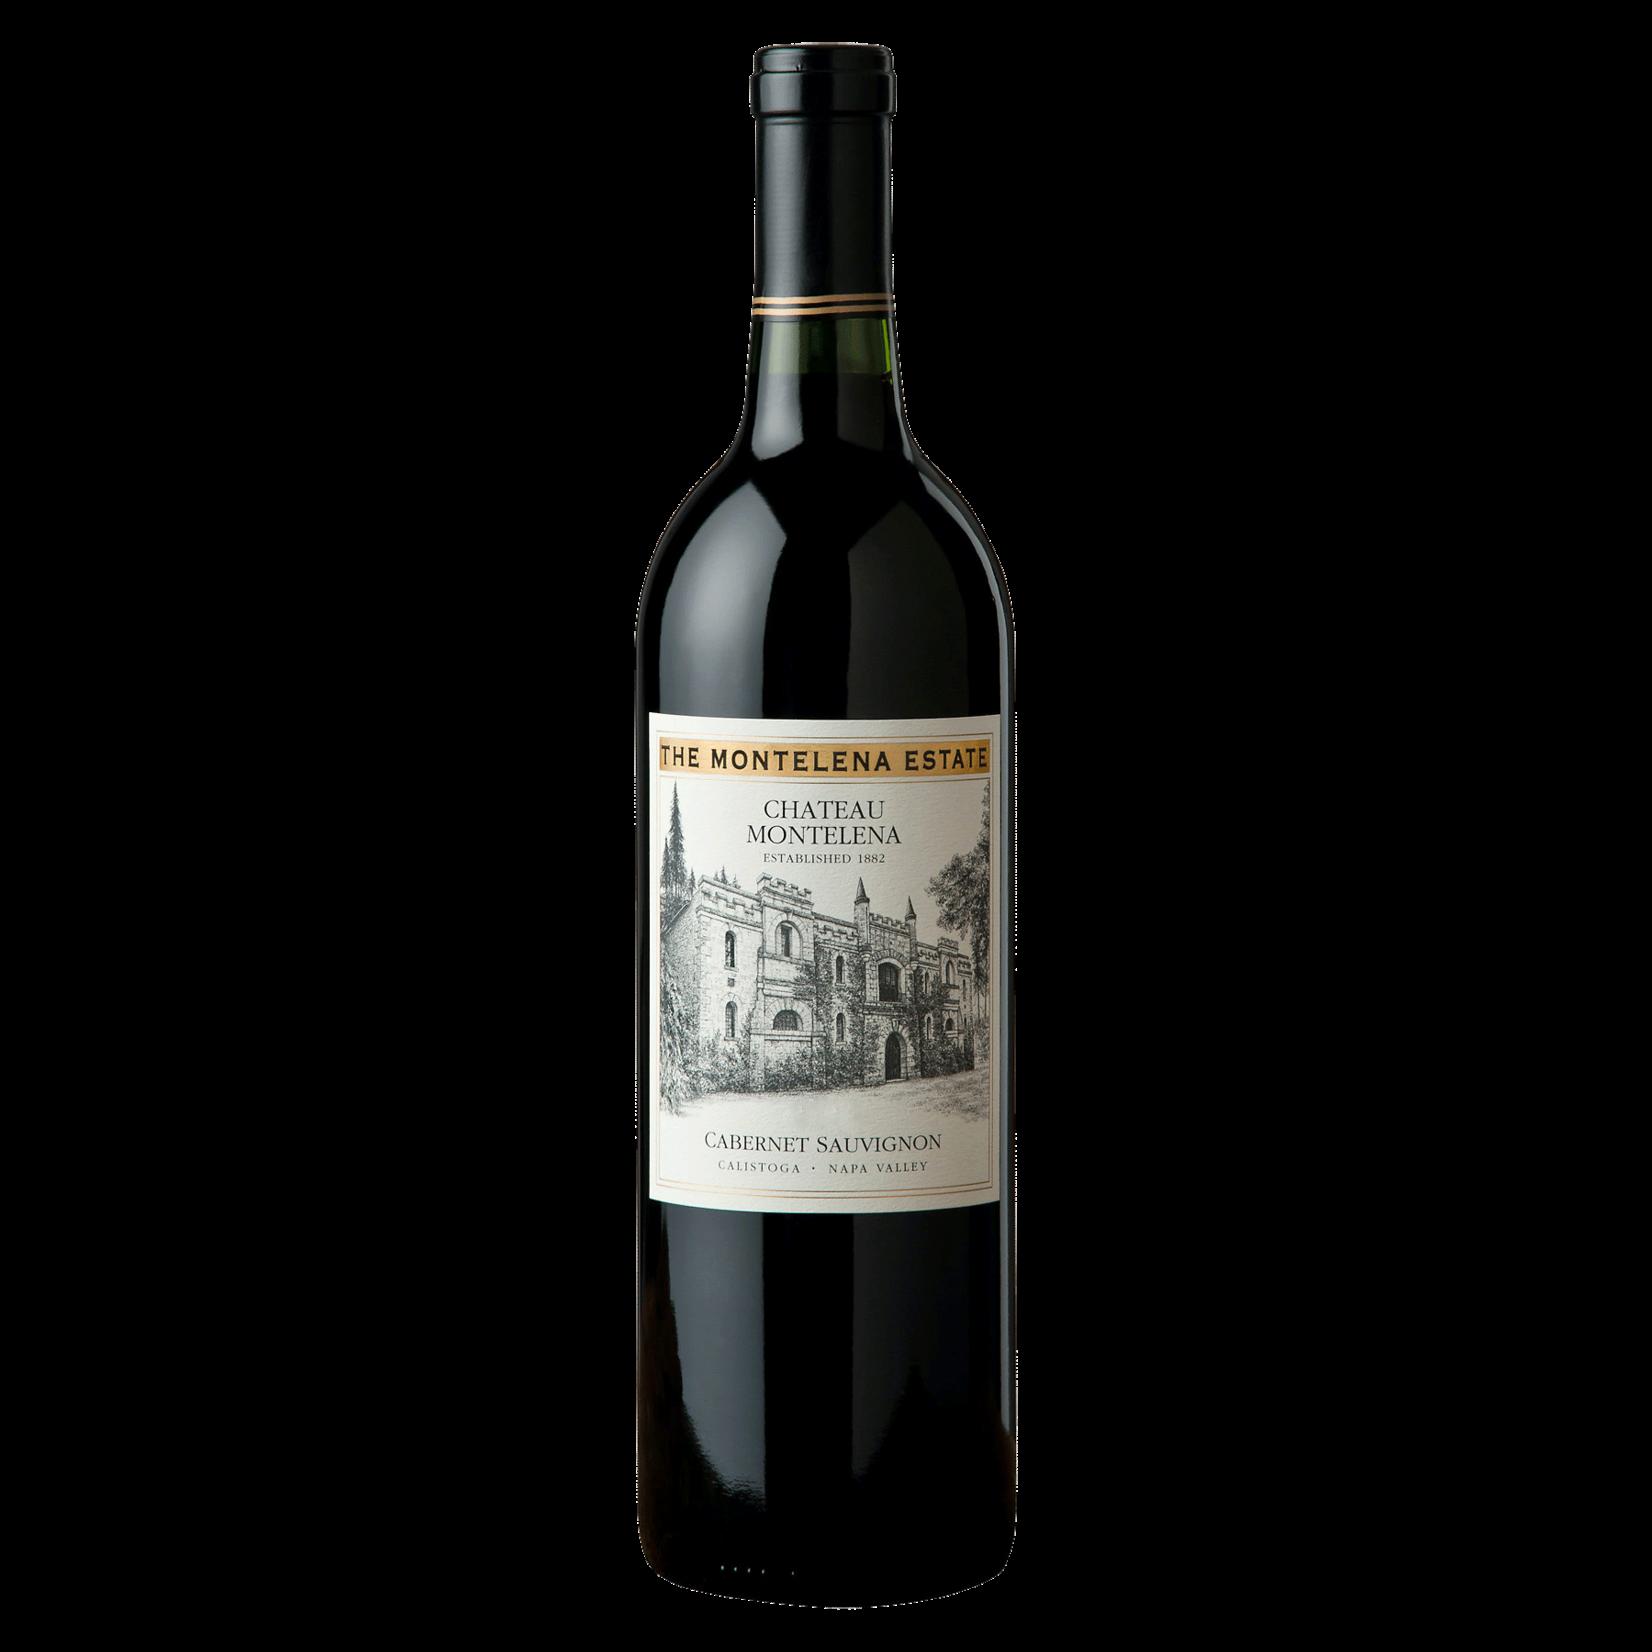 Wine Chateau Montelena Estate Cabernet Sauvignon 2016